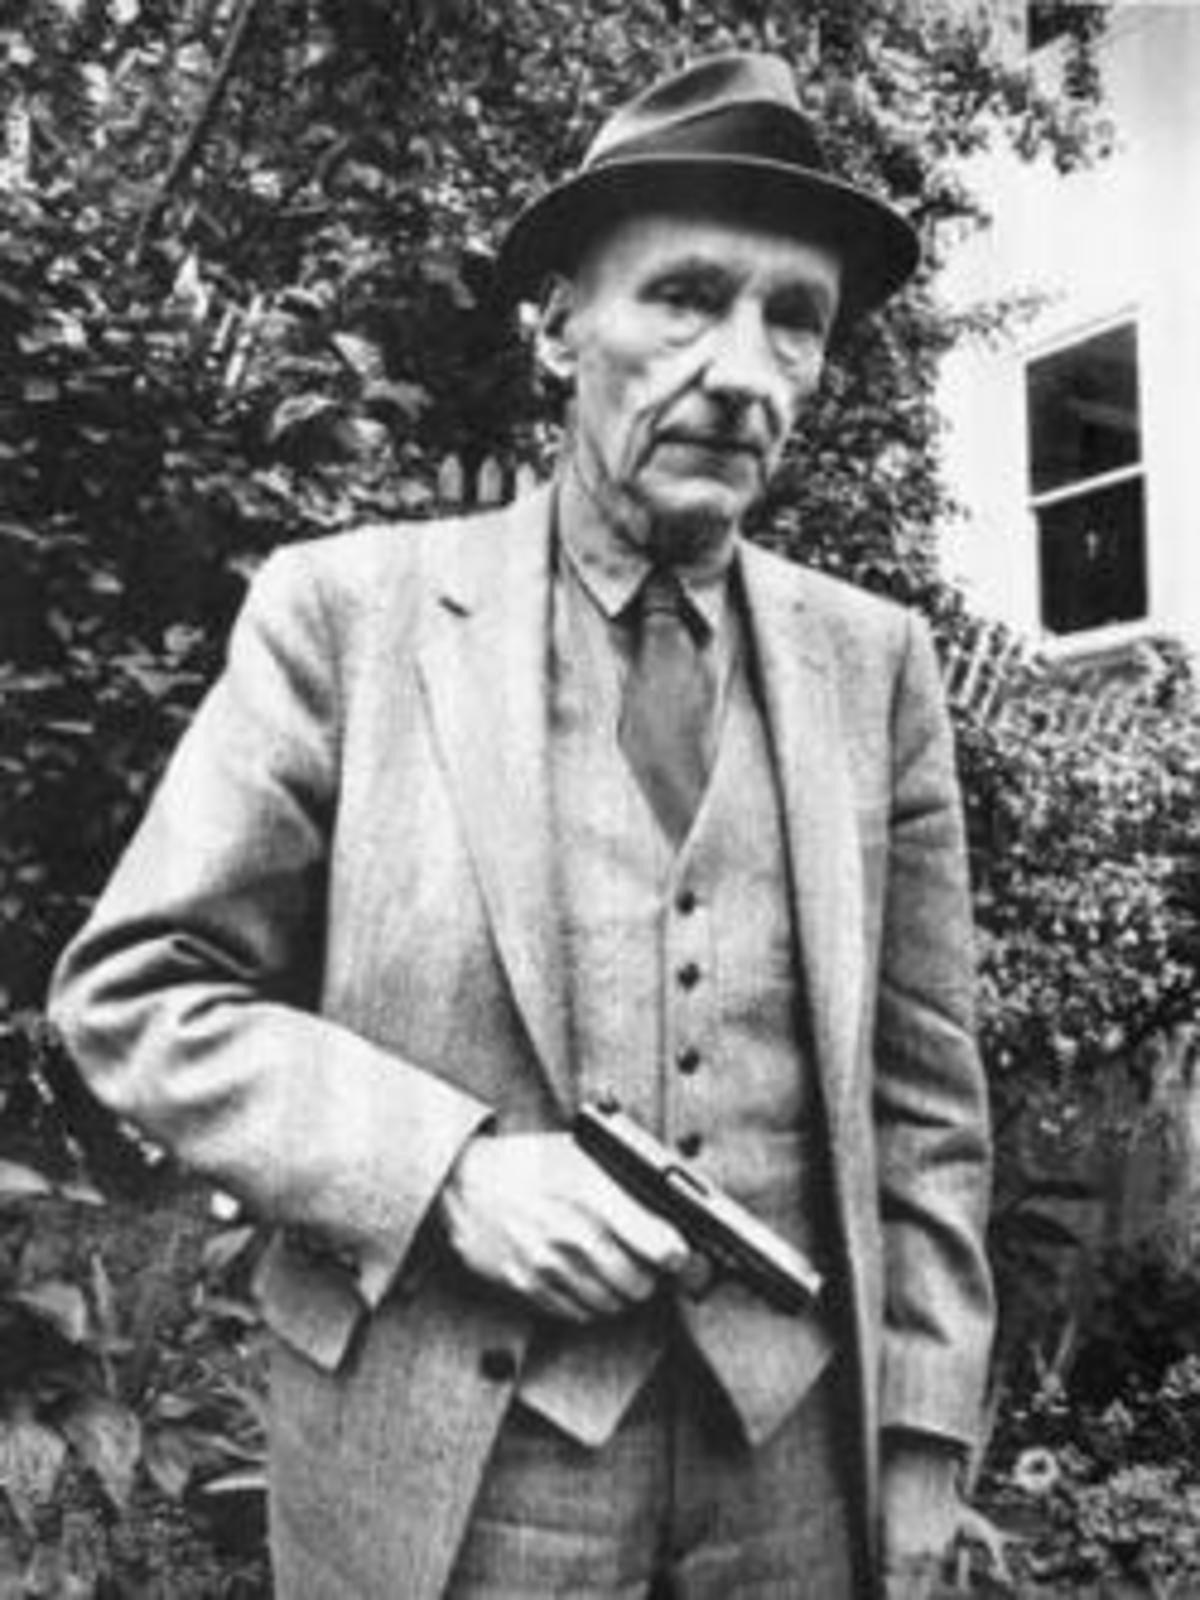 William S. Burroughs (1914-1997) - William S. Burroughs